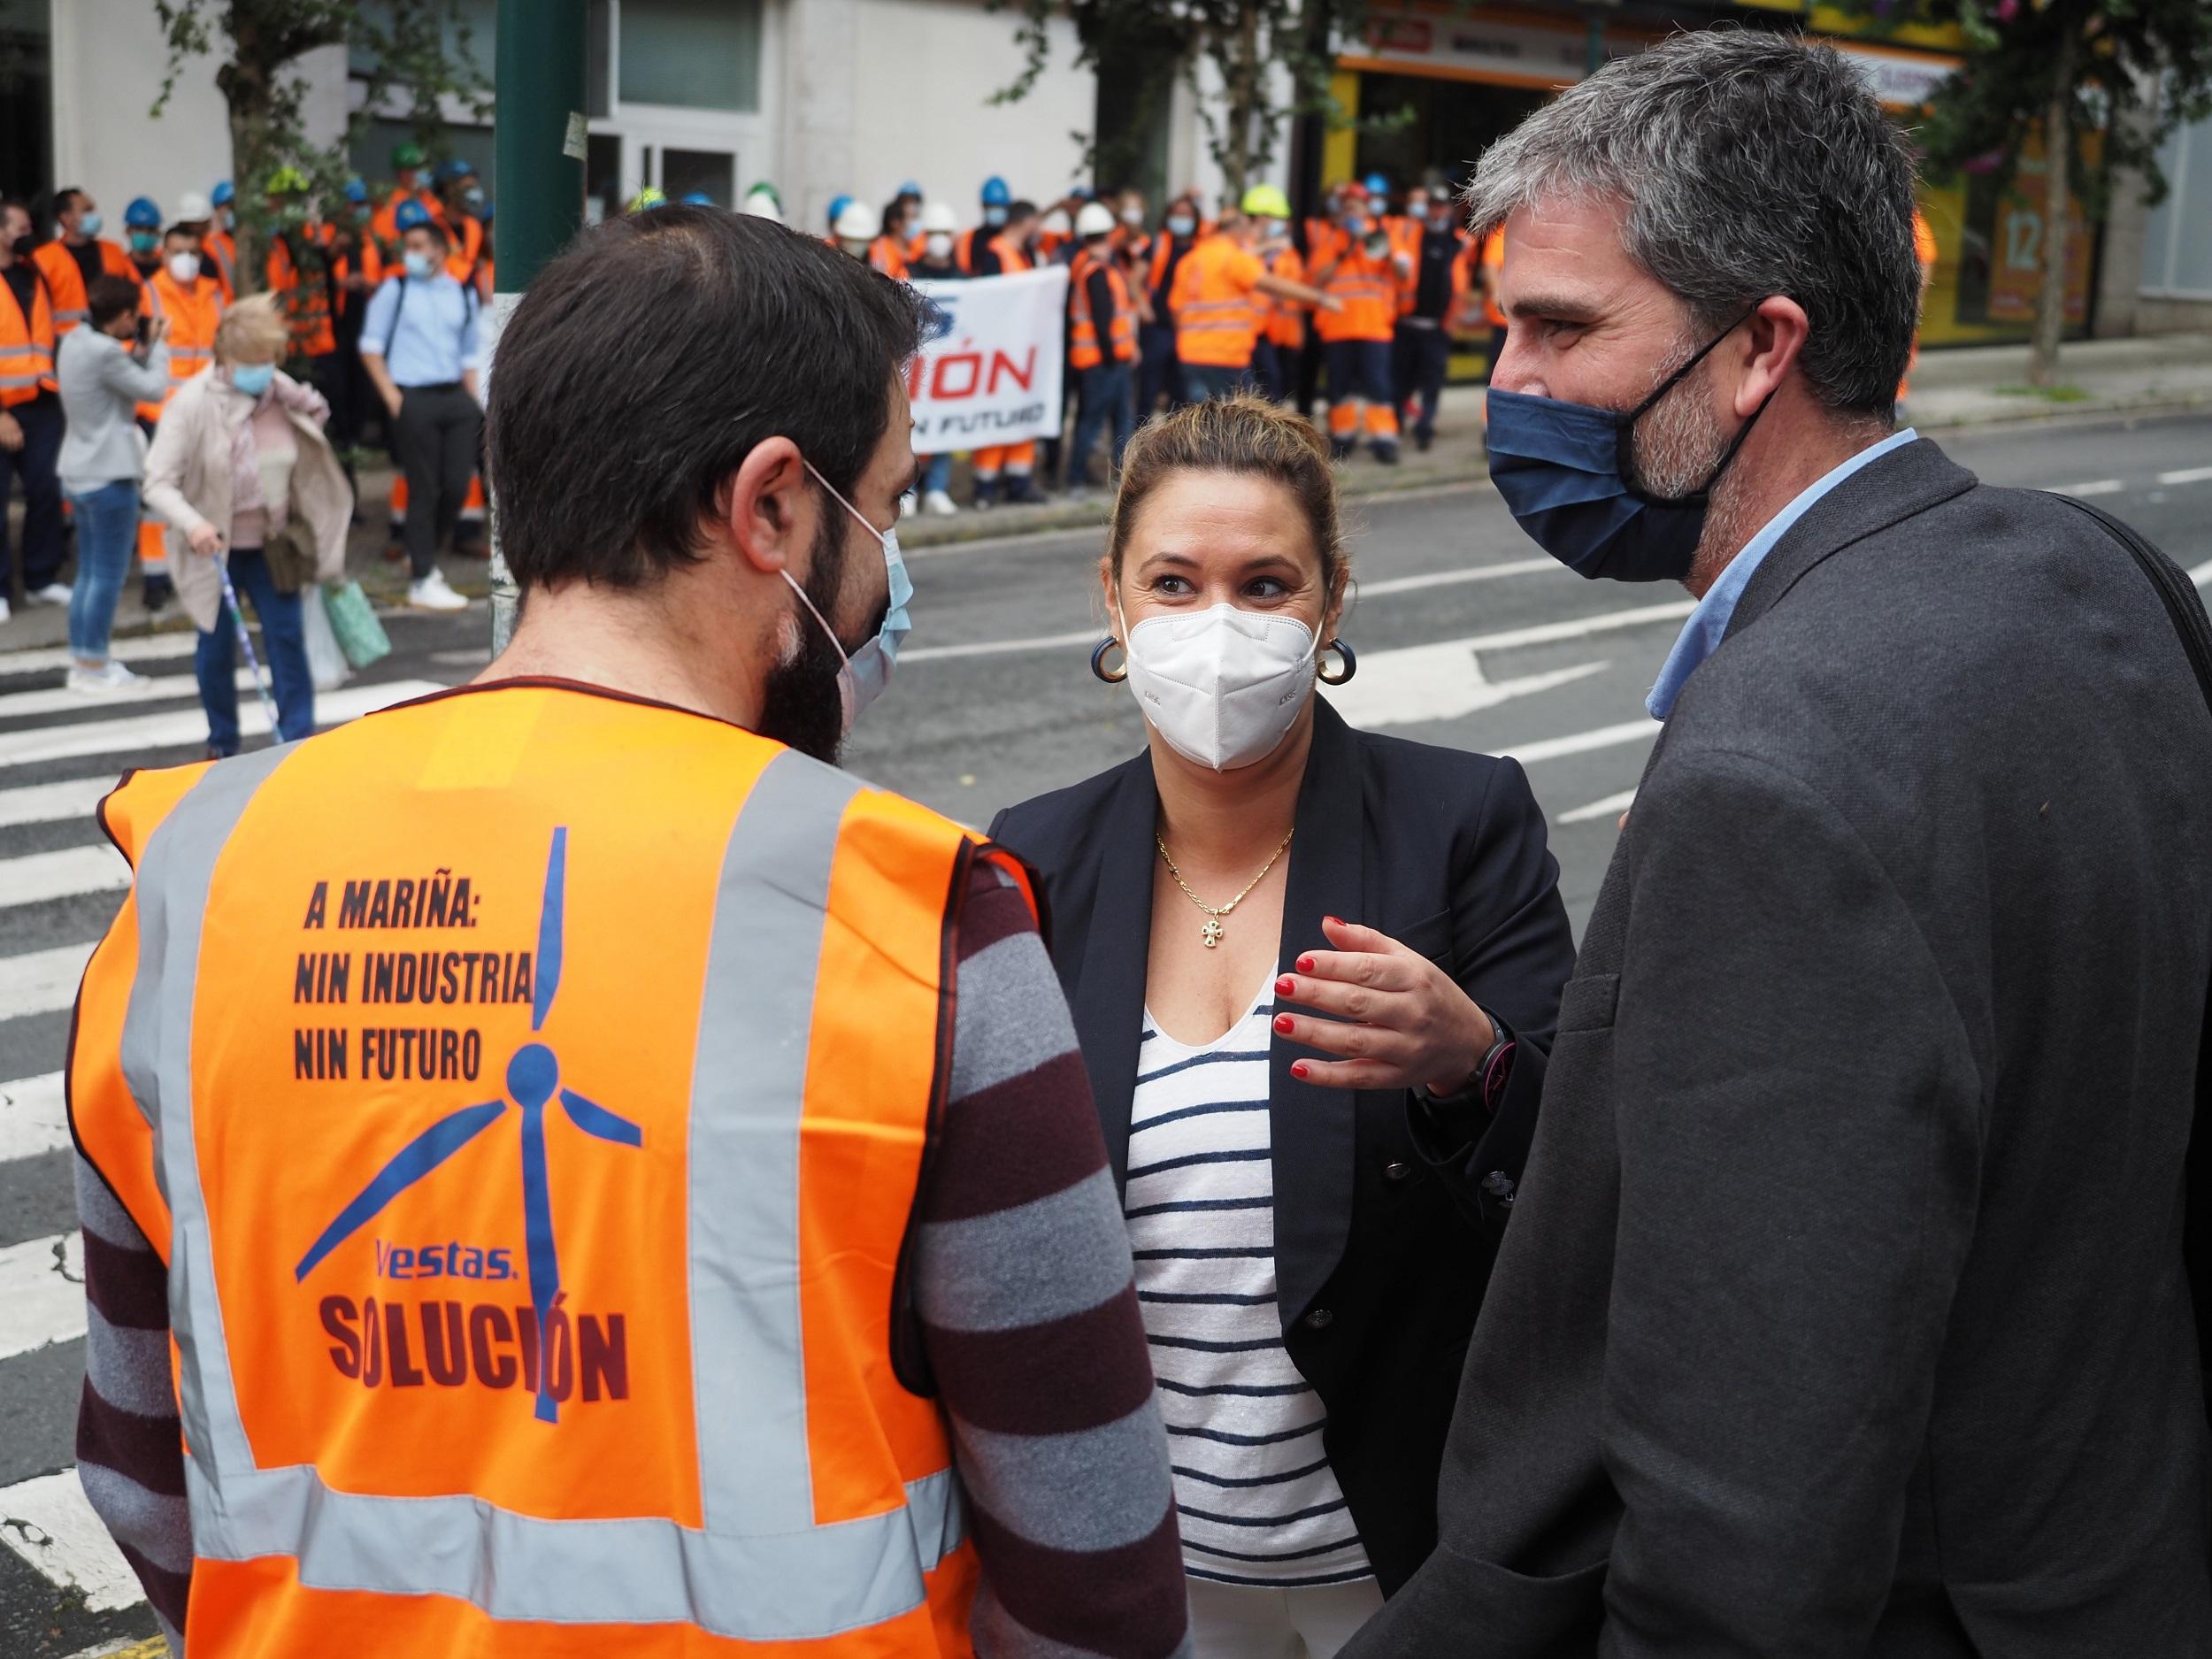 O Parlamento aproba a iniciativa socialista para reclamarlle á Xunta que apoie aos traballadores afectados polo anuncio de peche de Vestas